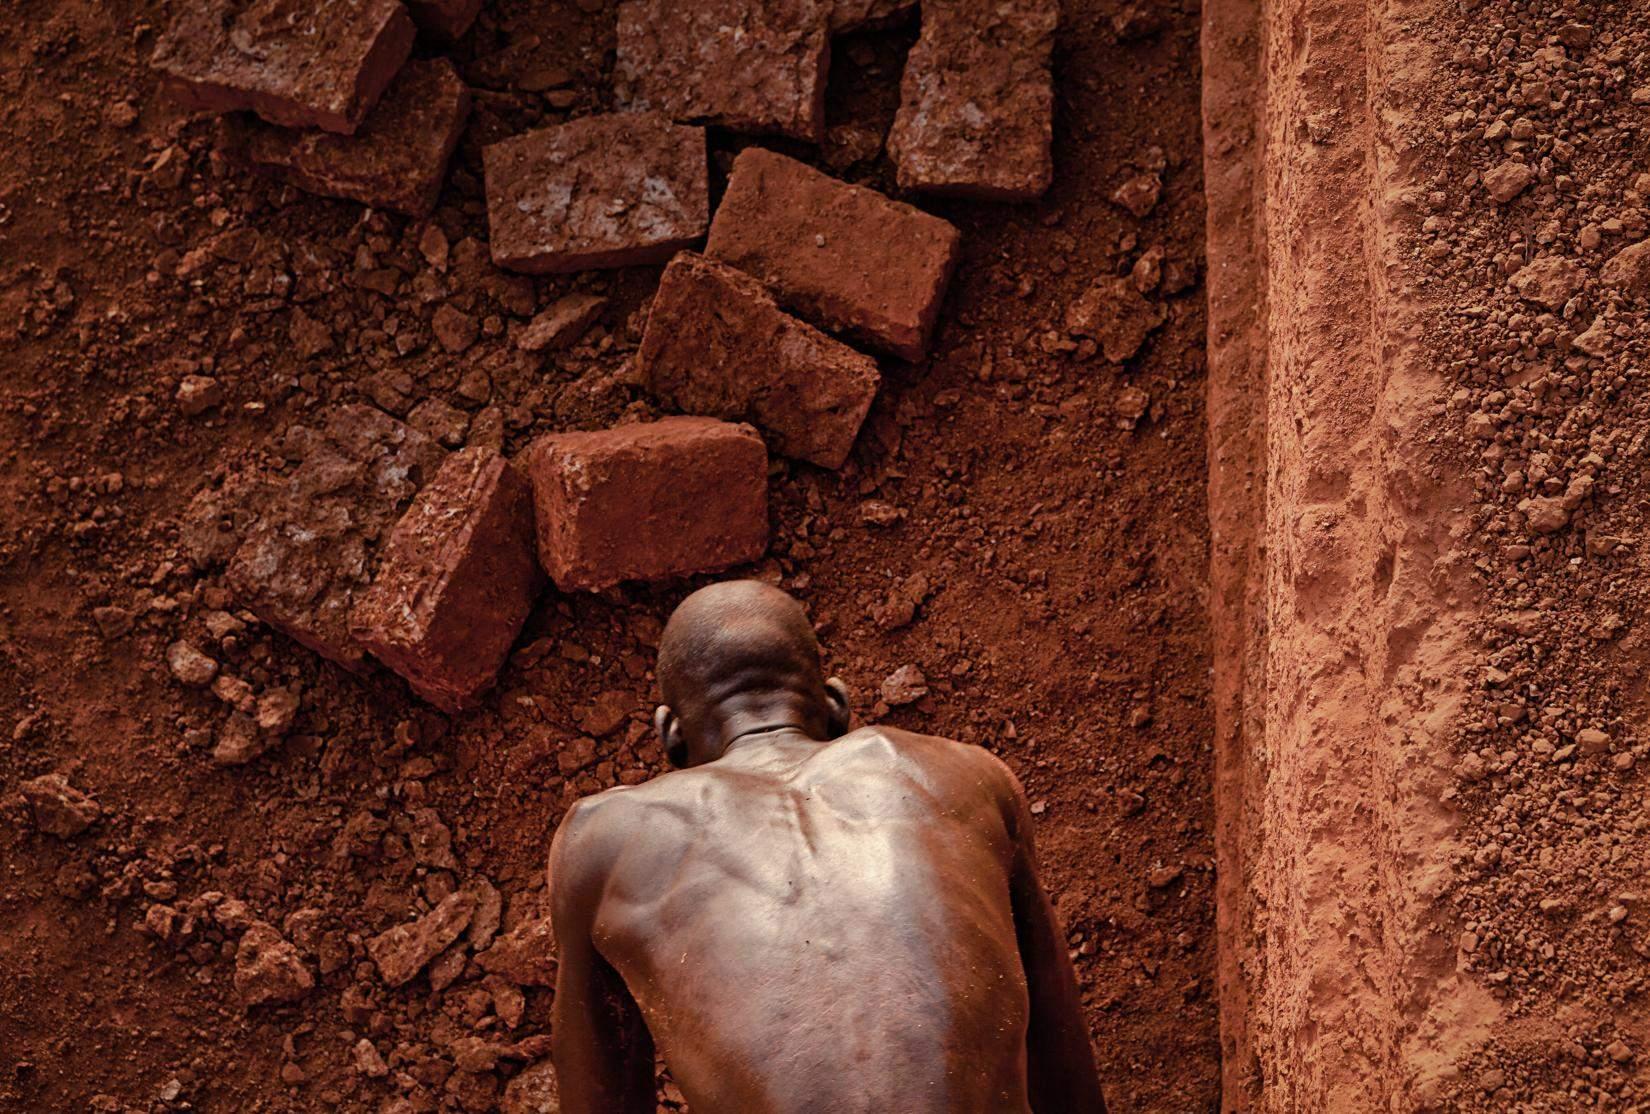 Как добывают кирпичи кирпичи, блоки, латерит, человек, впервые, Карабе, сплошной, окружающих, домов, строительные, используют, деревнях, близлежащих, продают, скалы, Латеритный, вырезают, работает, рабочие, лопаты